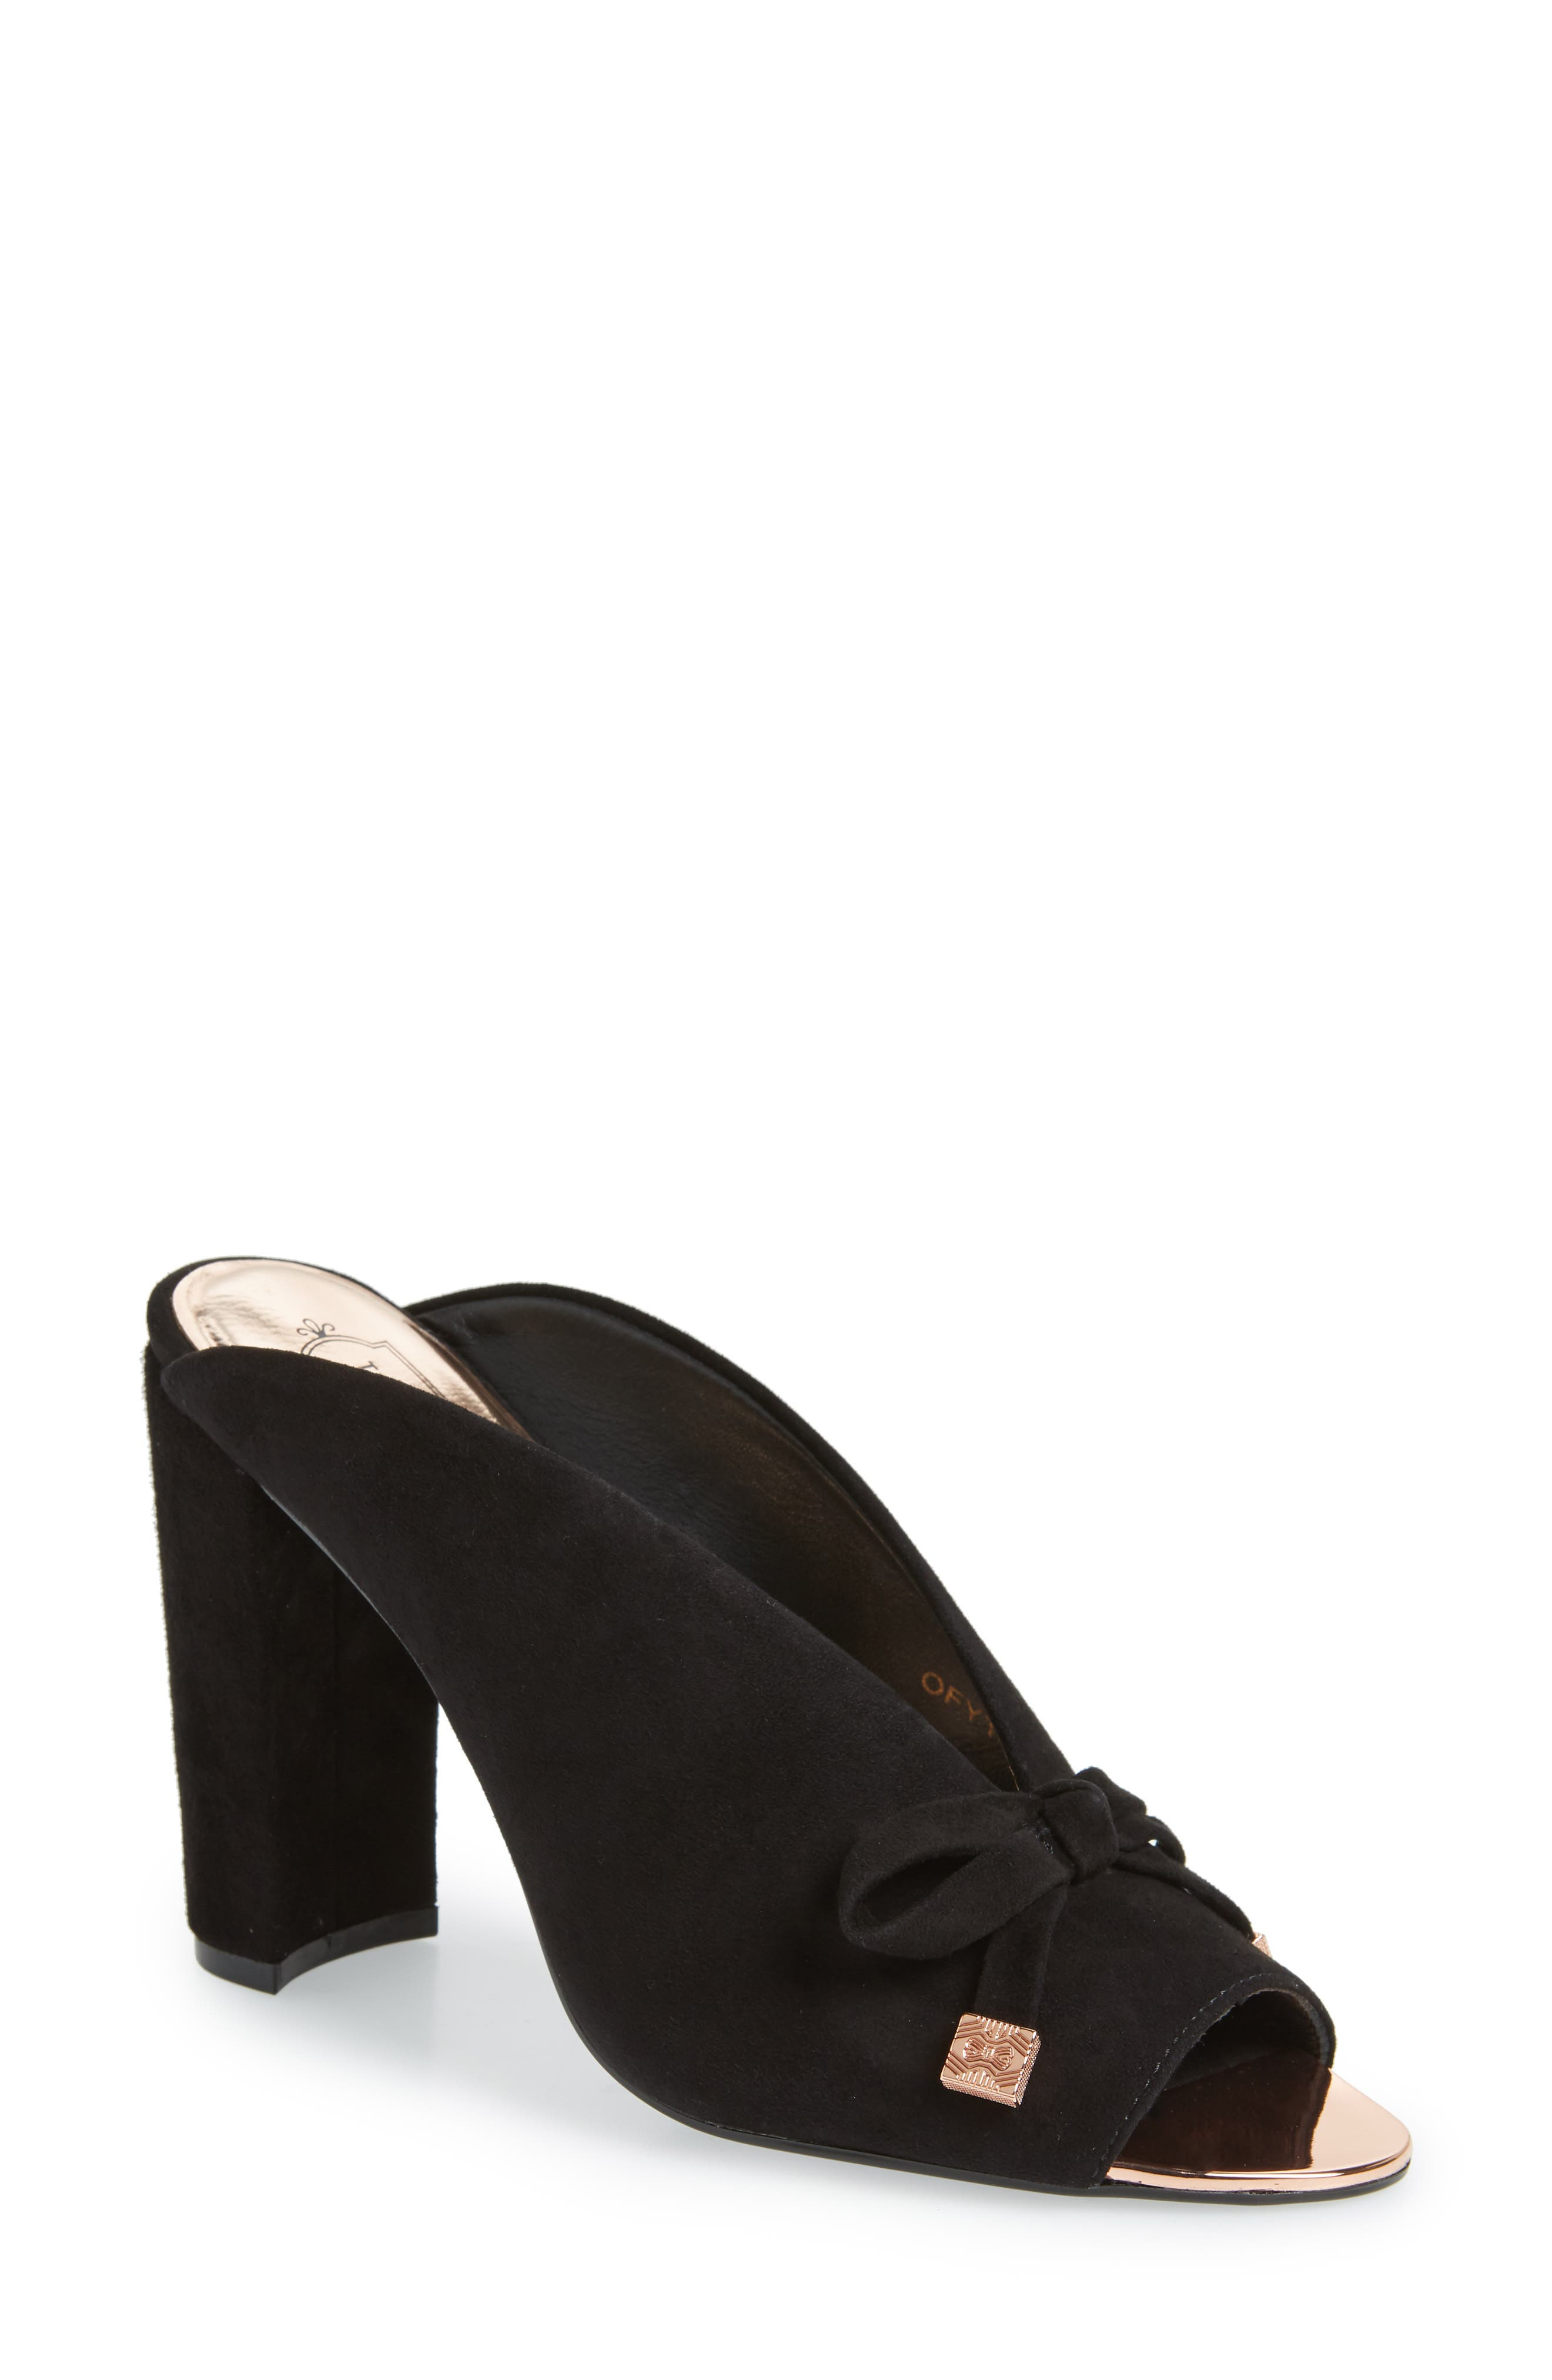 Marinax Slide,                         Main,                         color, BLACK SUEDE